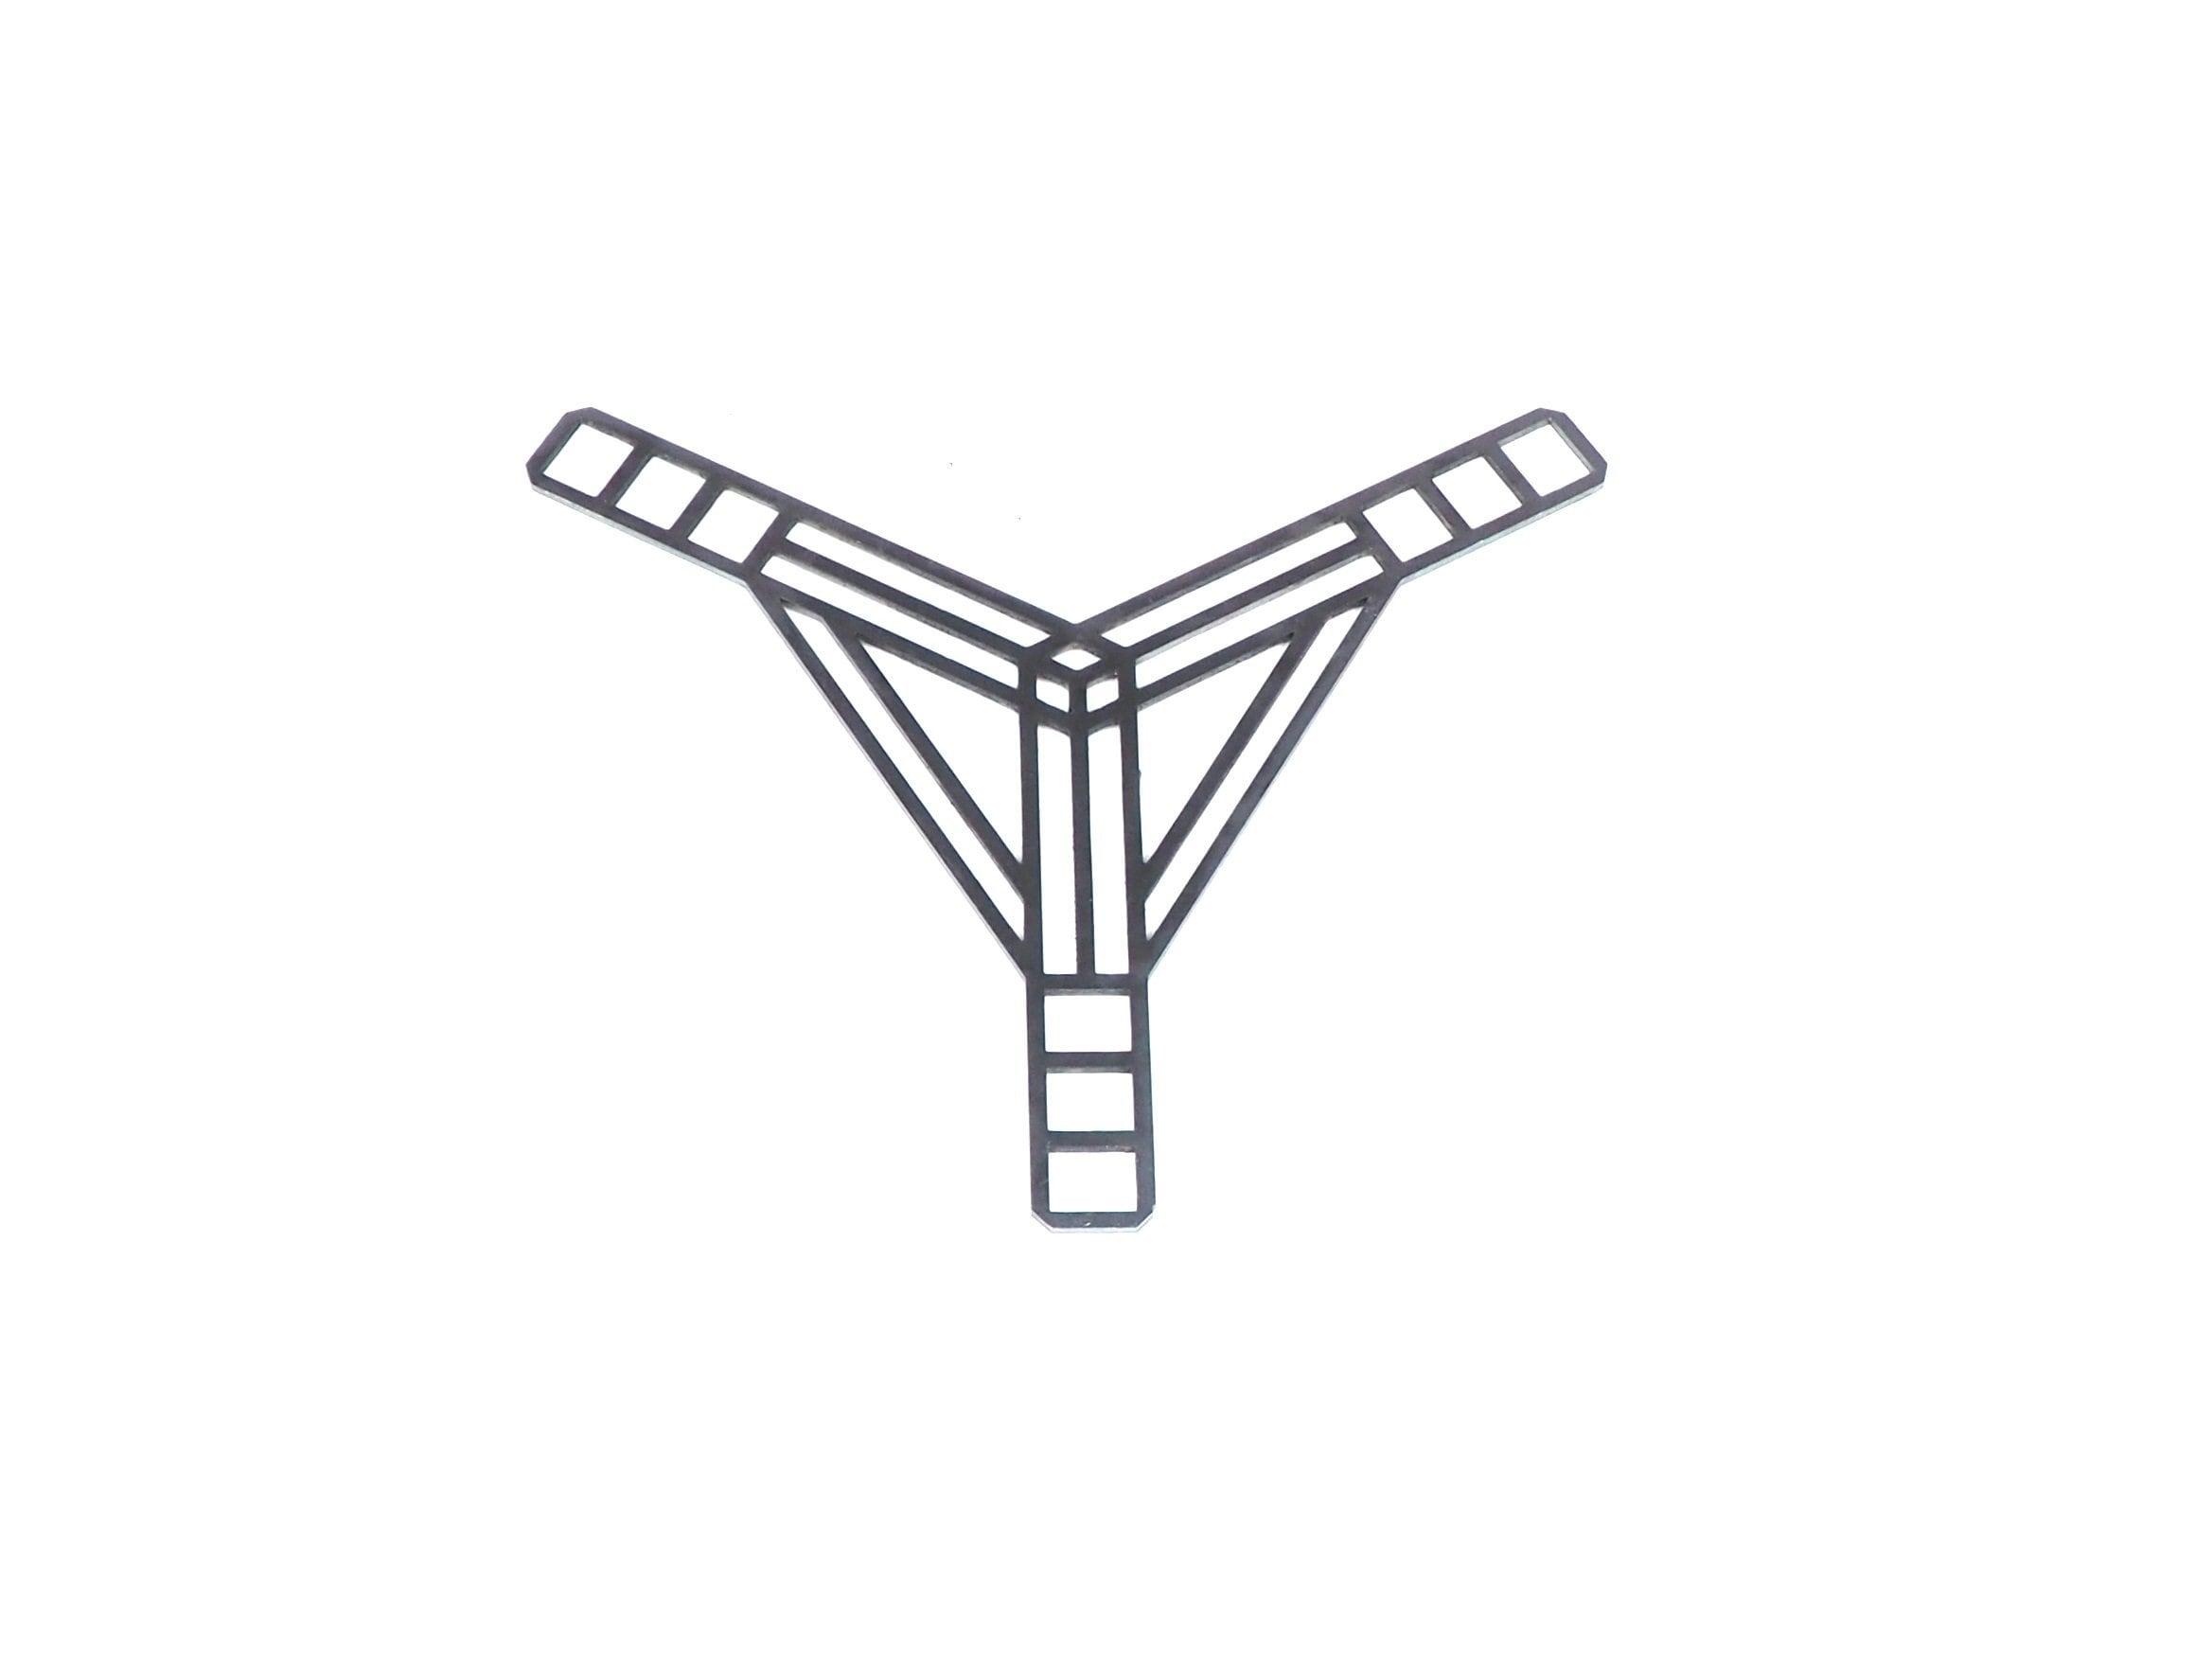 予約商品 Top Table Triangle S トップテーブル トライアングル Sサイズ